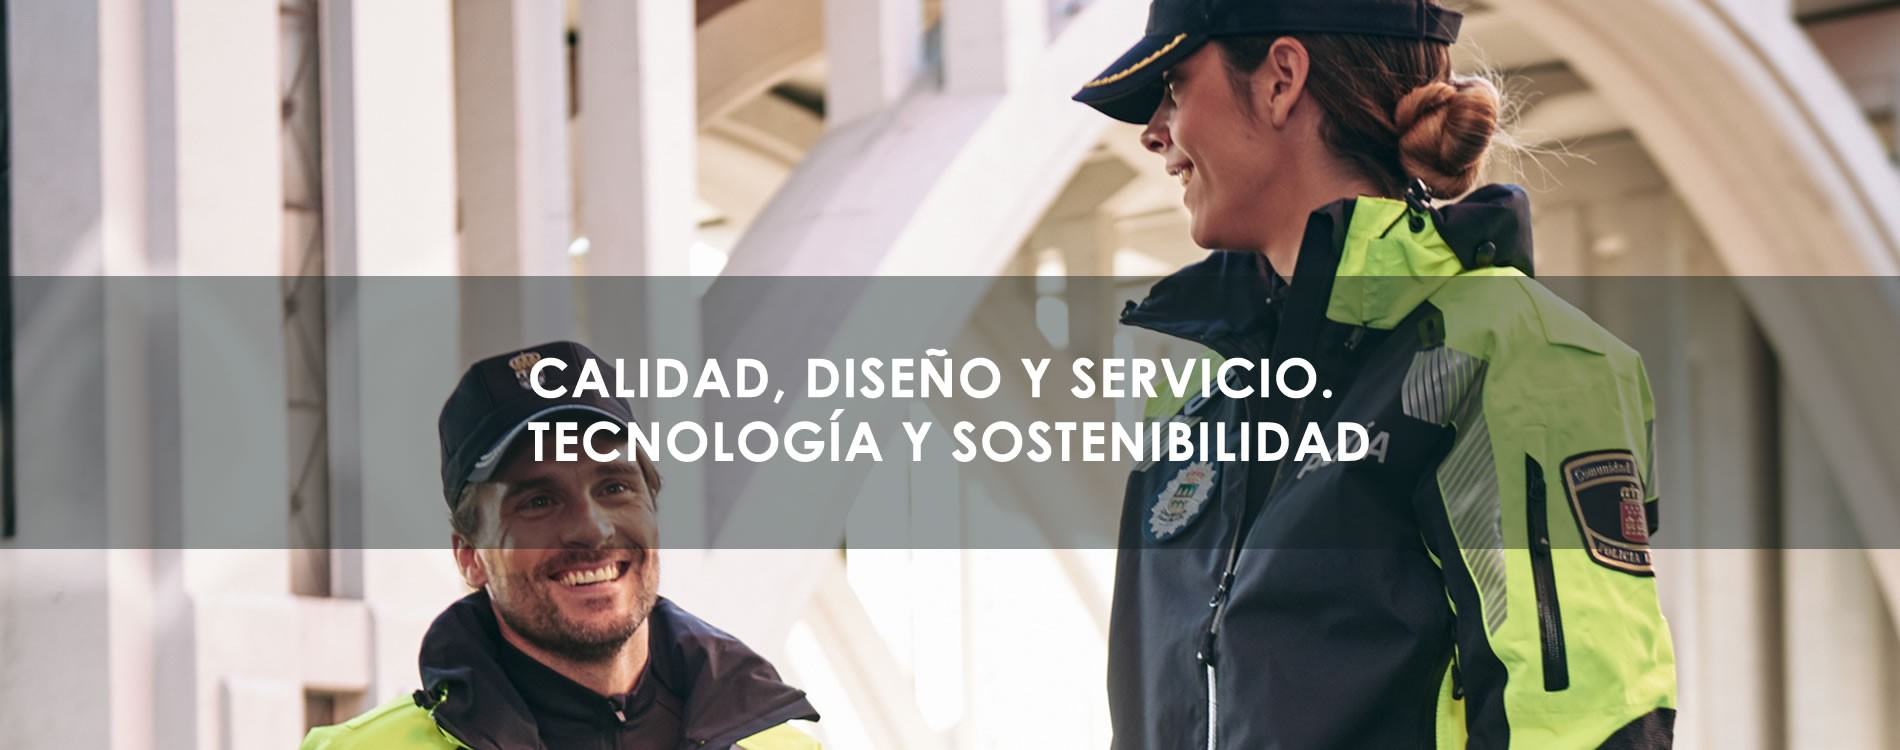 CALIDAD, DISEÑO Y SERVICIO. TECNOLOGIA Y SOSTENIBILIDAD.